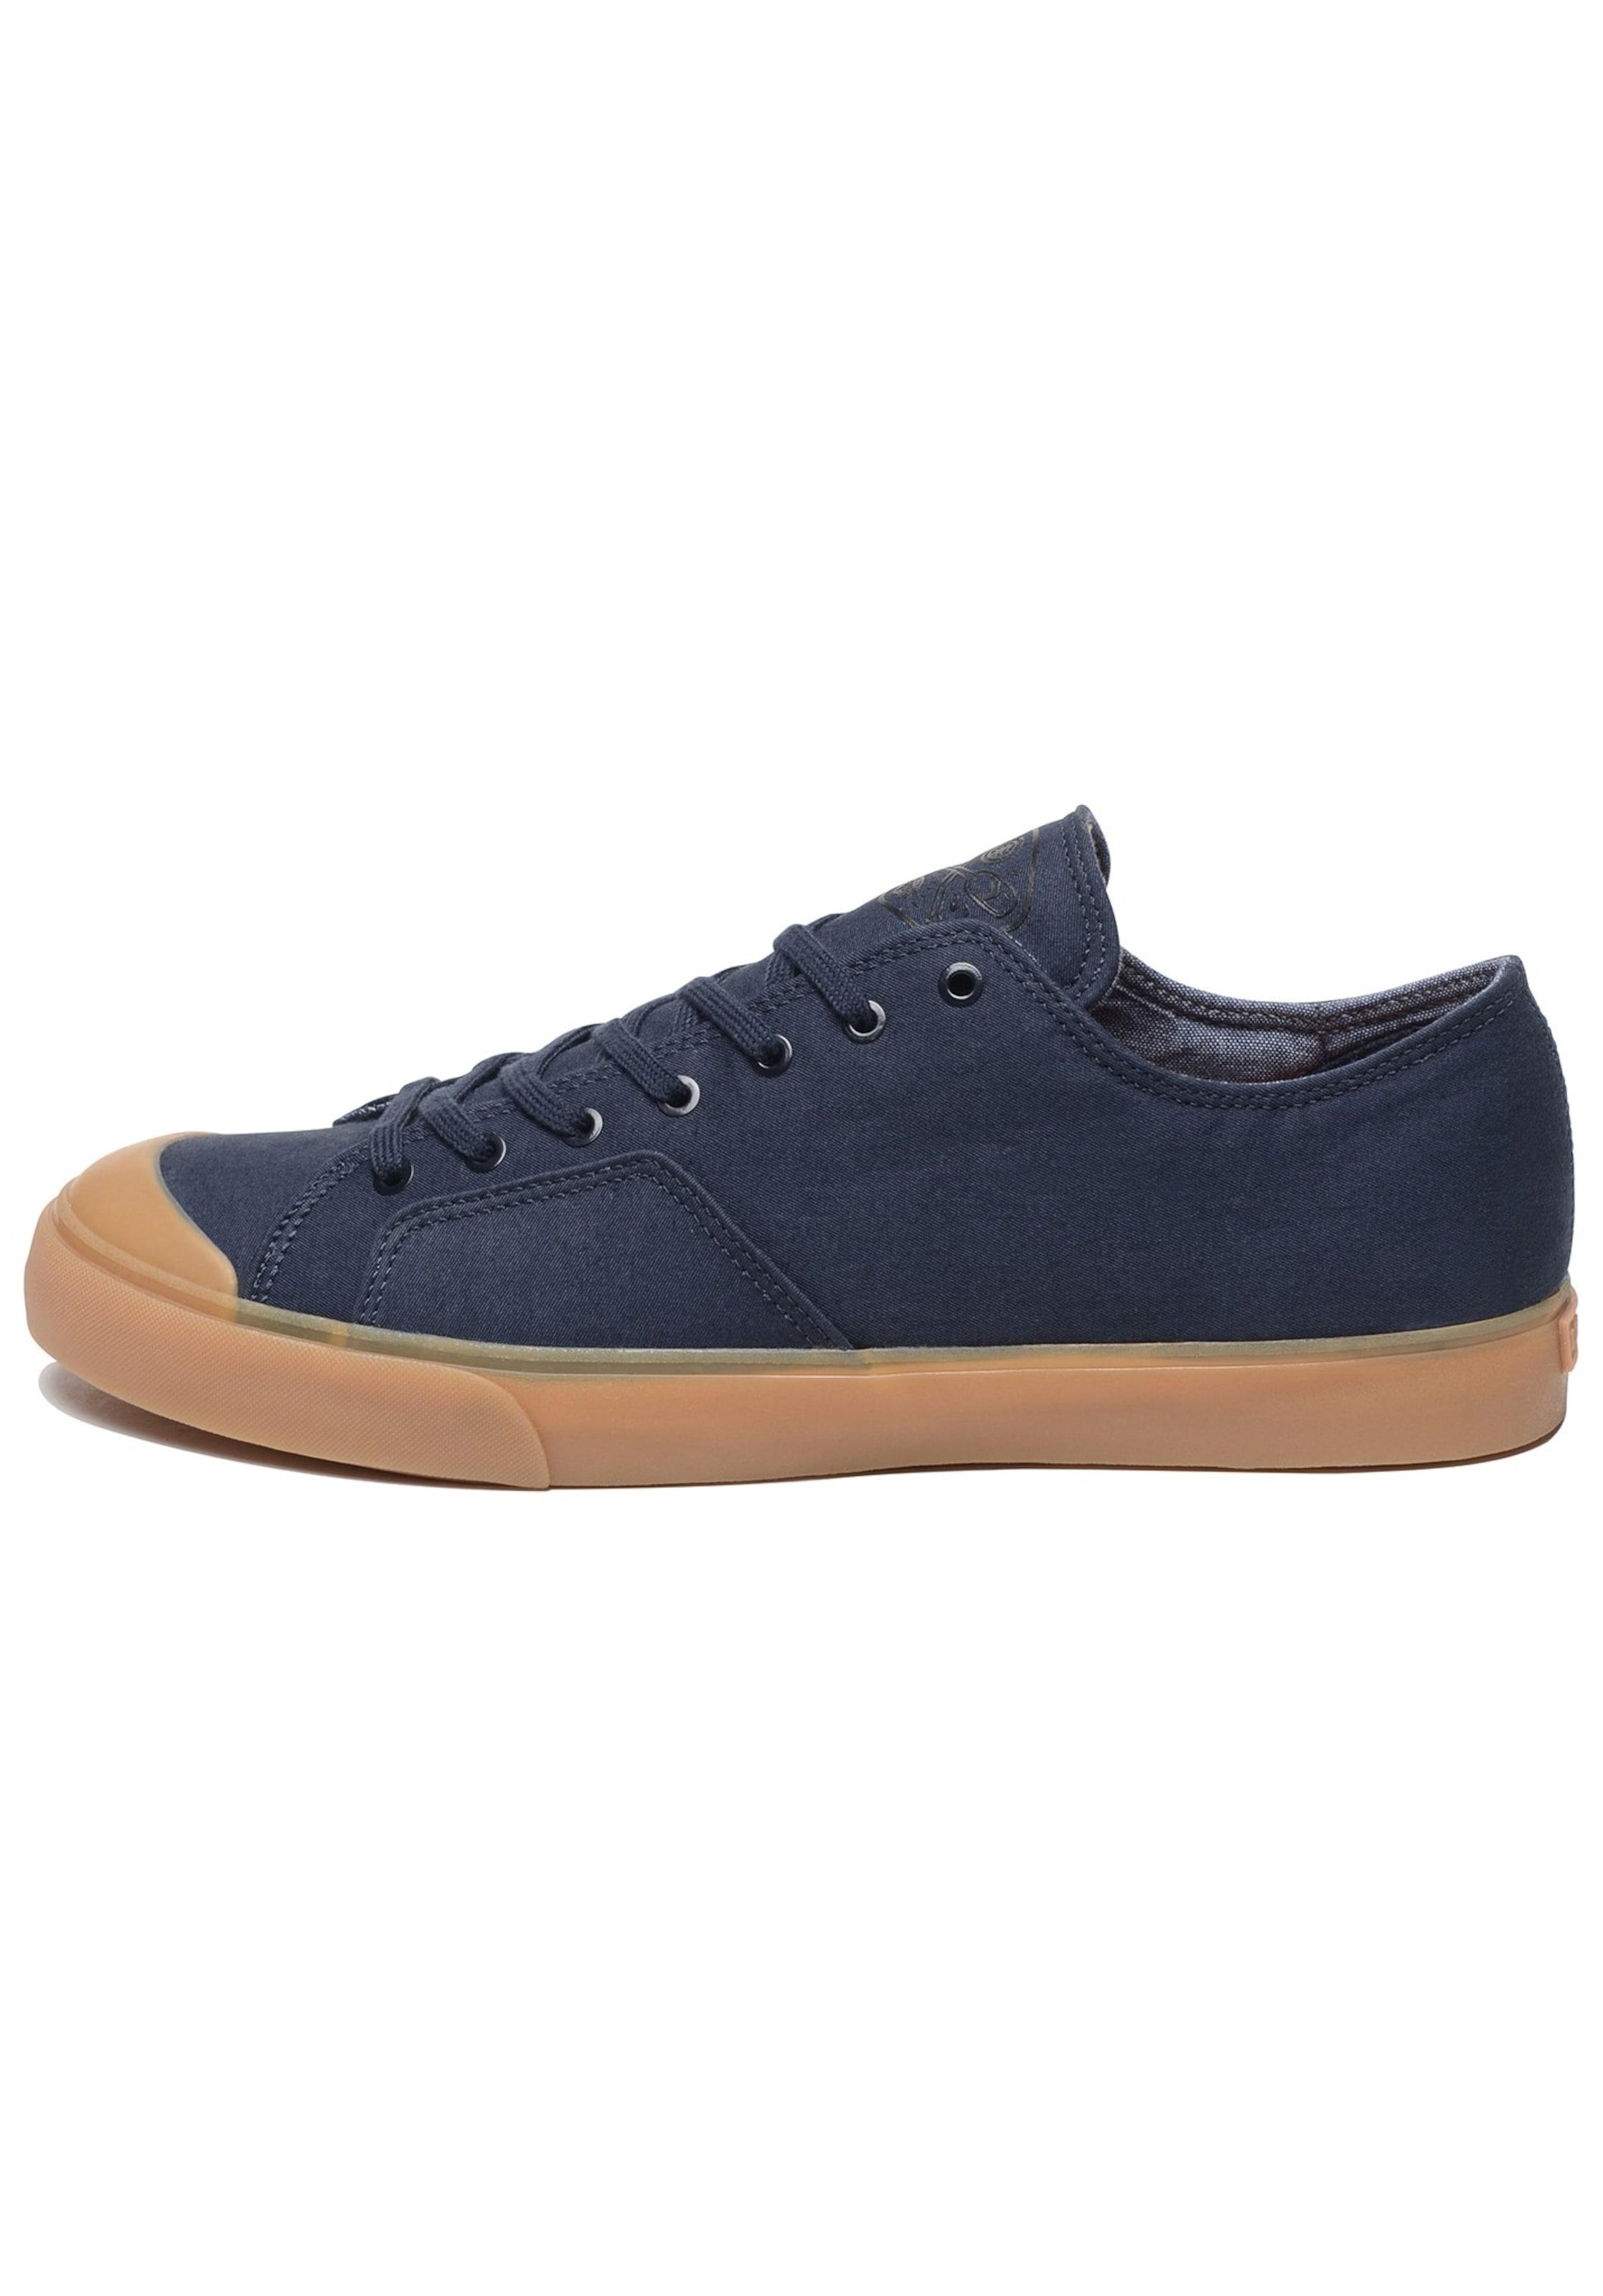 ELEMENT  Spike  Sneaker